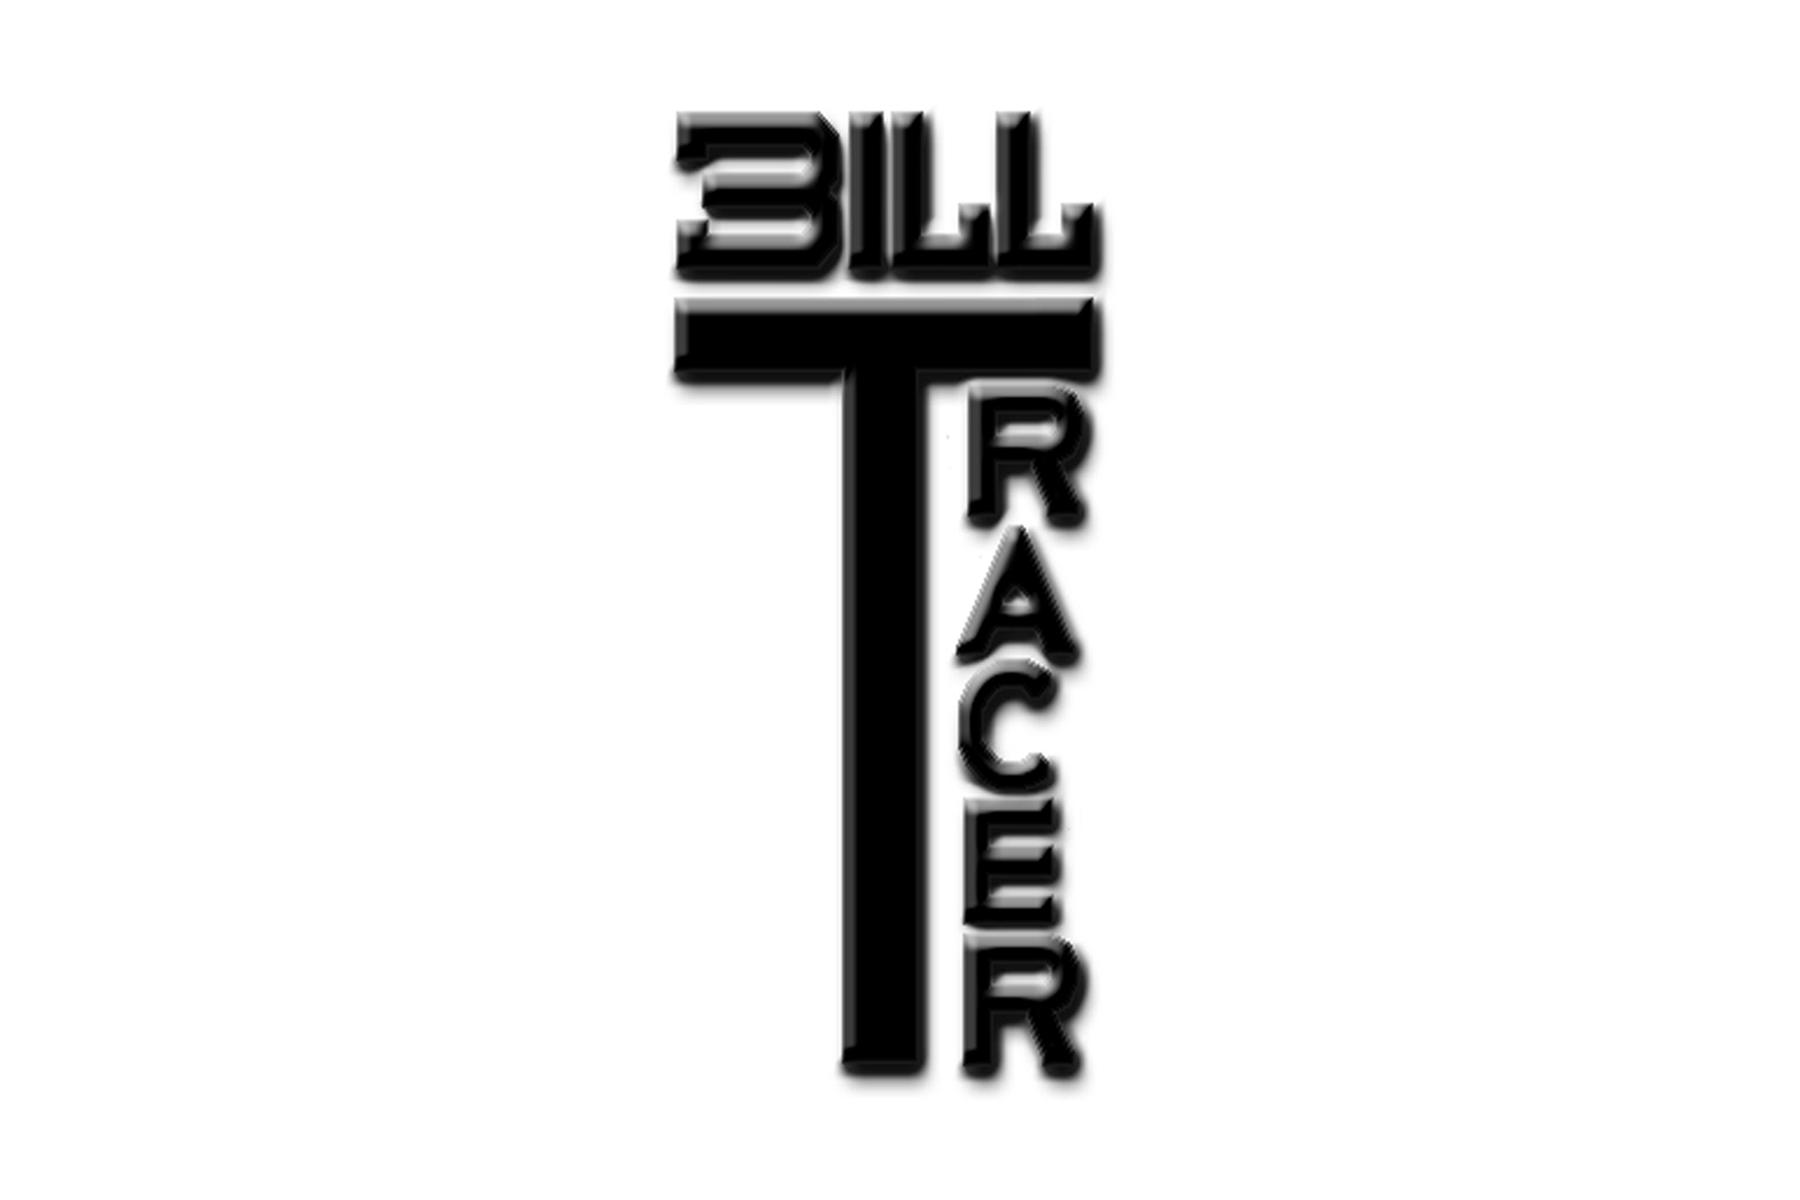 Bill M. Tracer's Signature